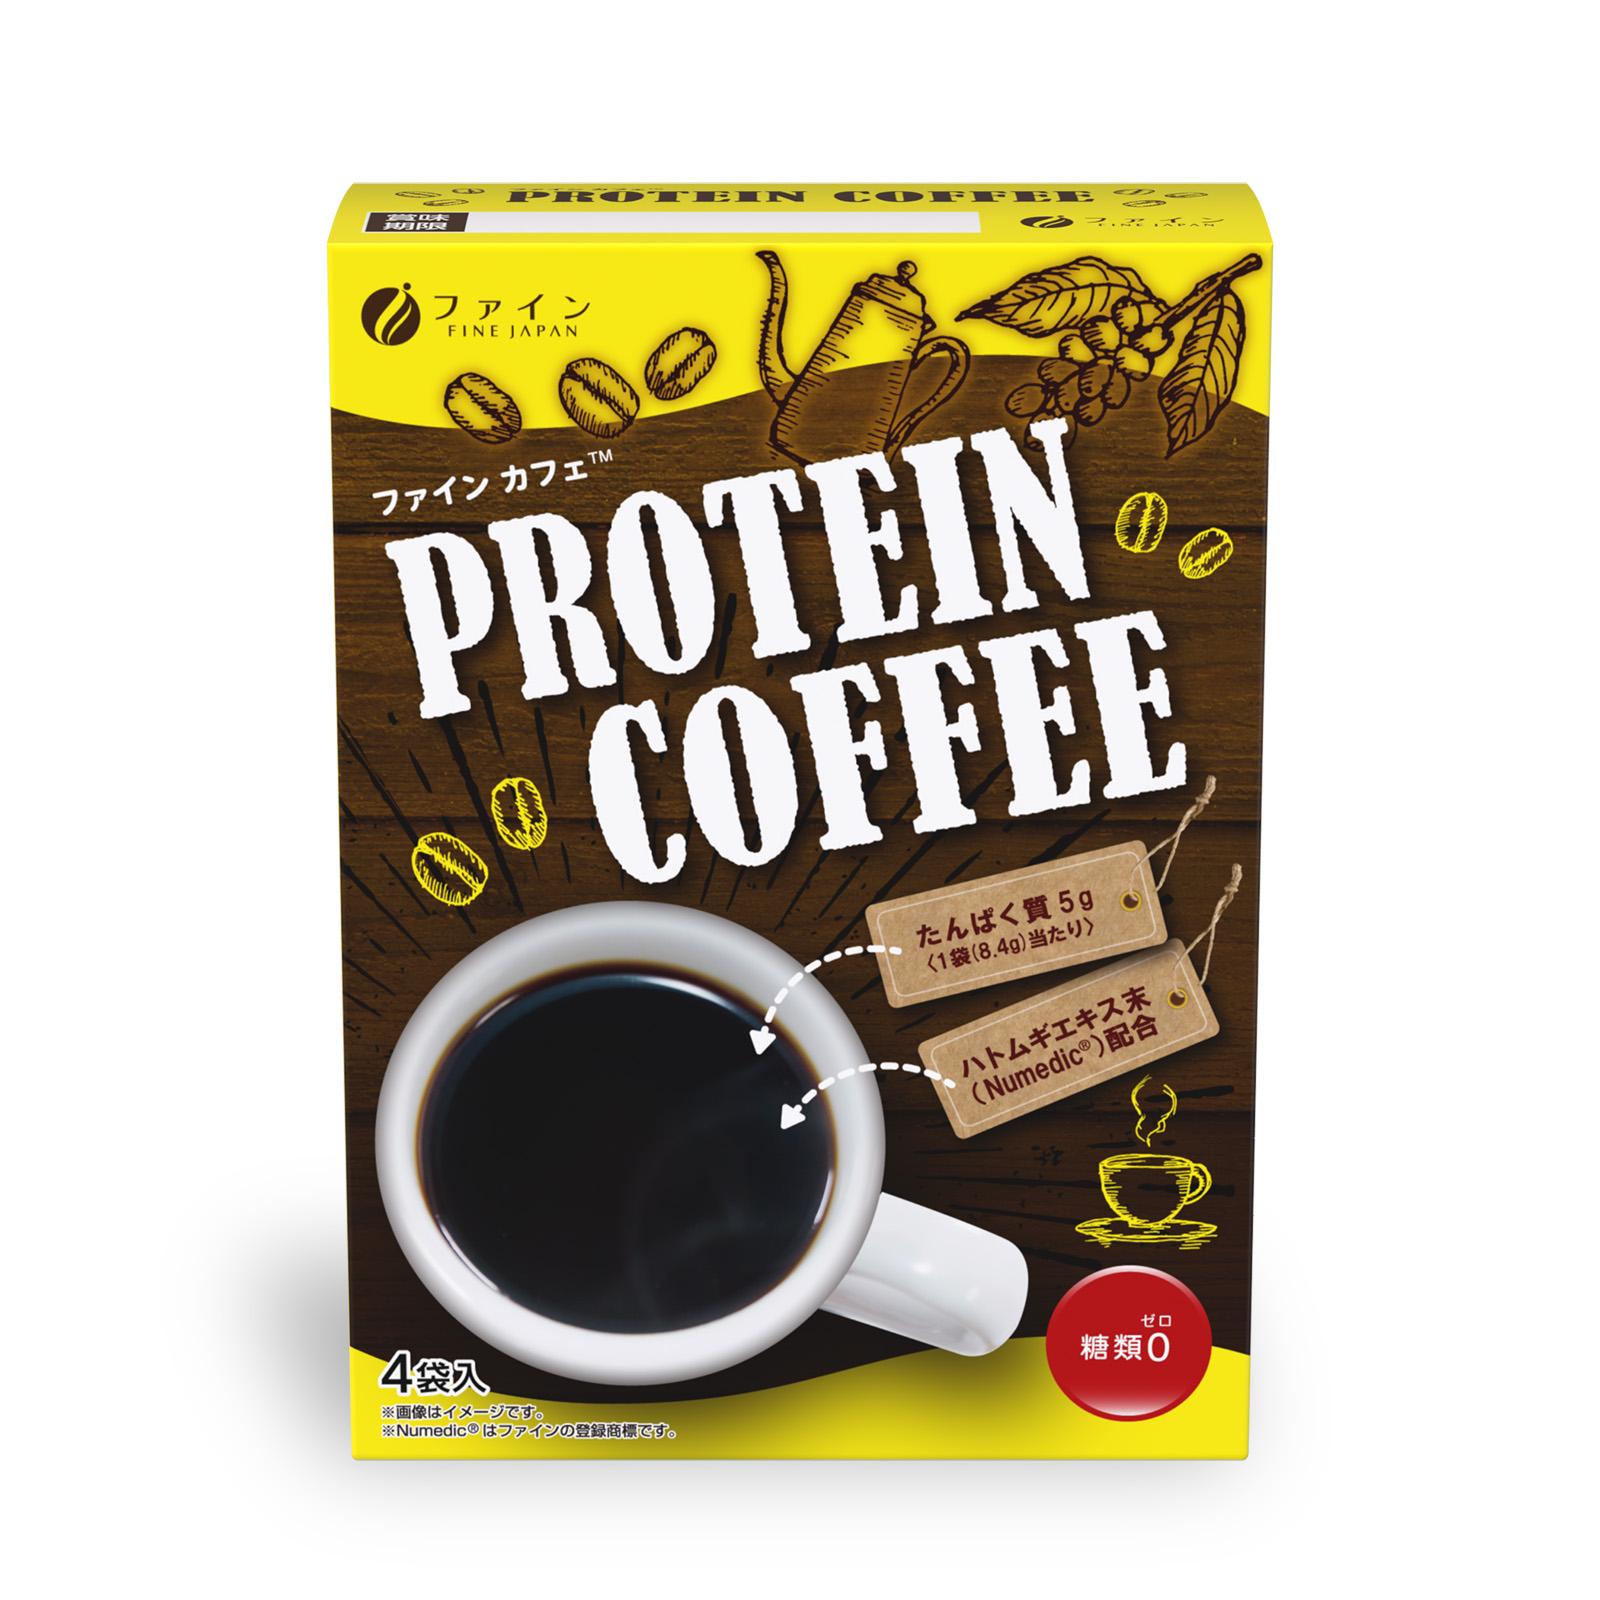 ファインカフェ プロテインコーヒー 4袋入